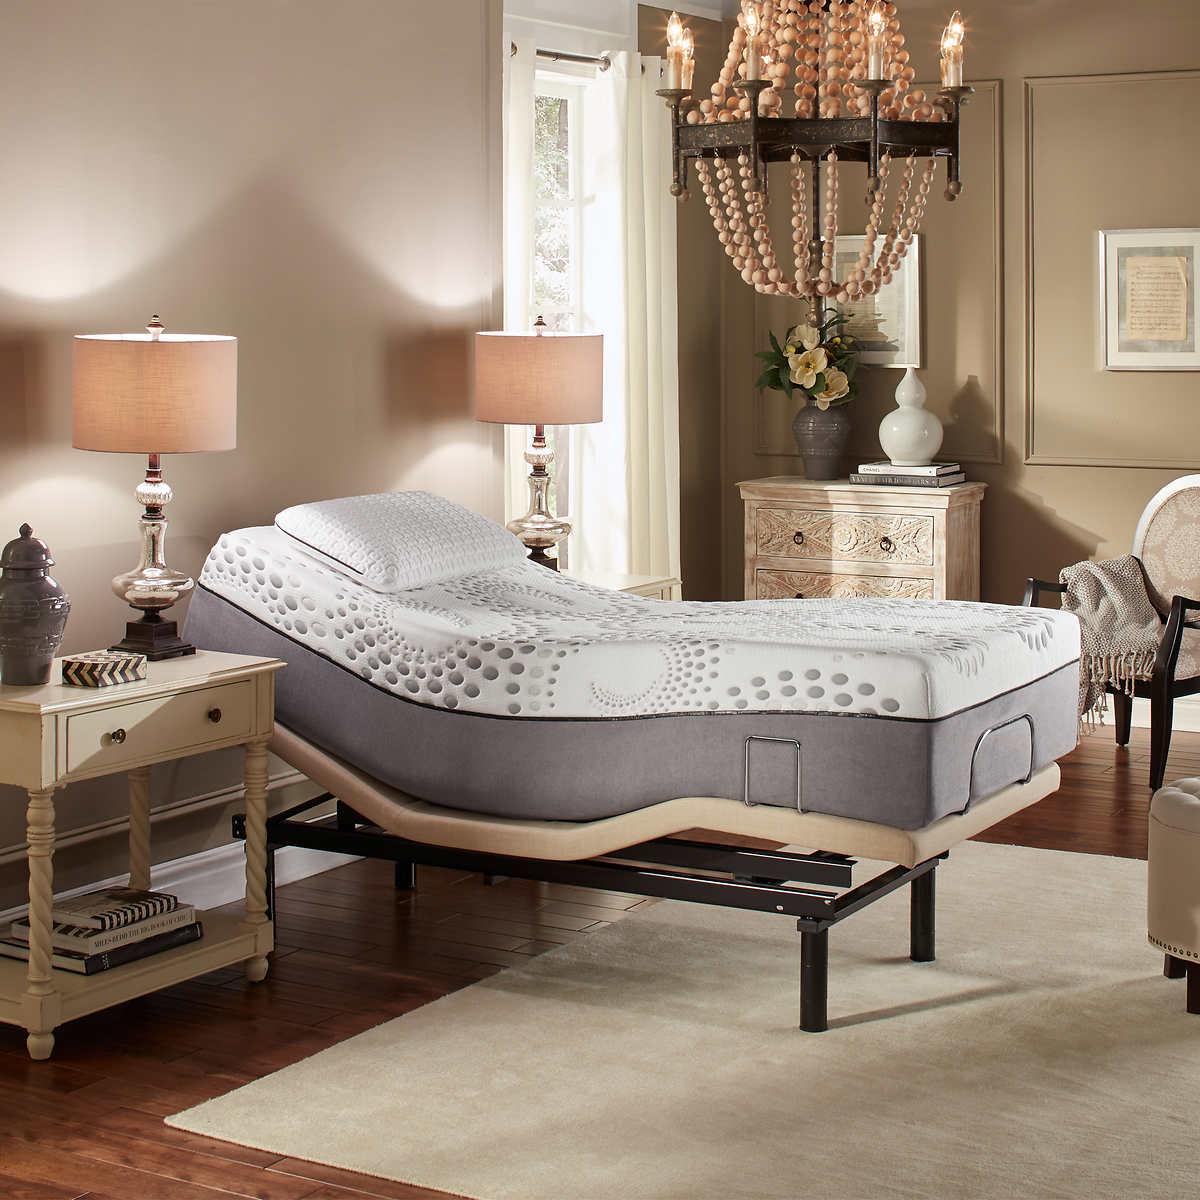 Sleep Science™ Ara Twin XL Mattress with Adjustable Base